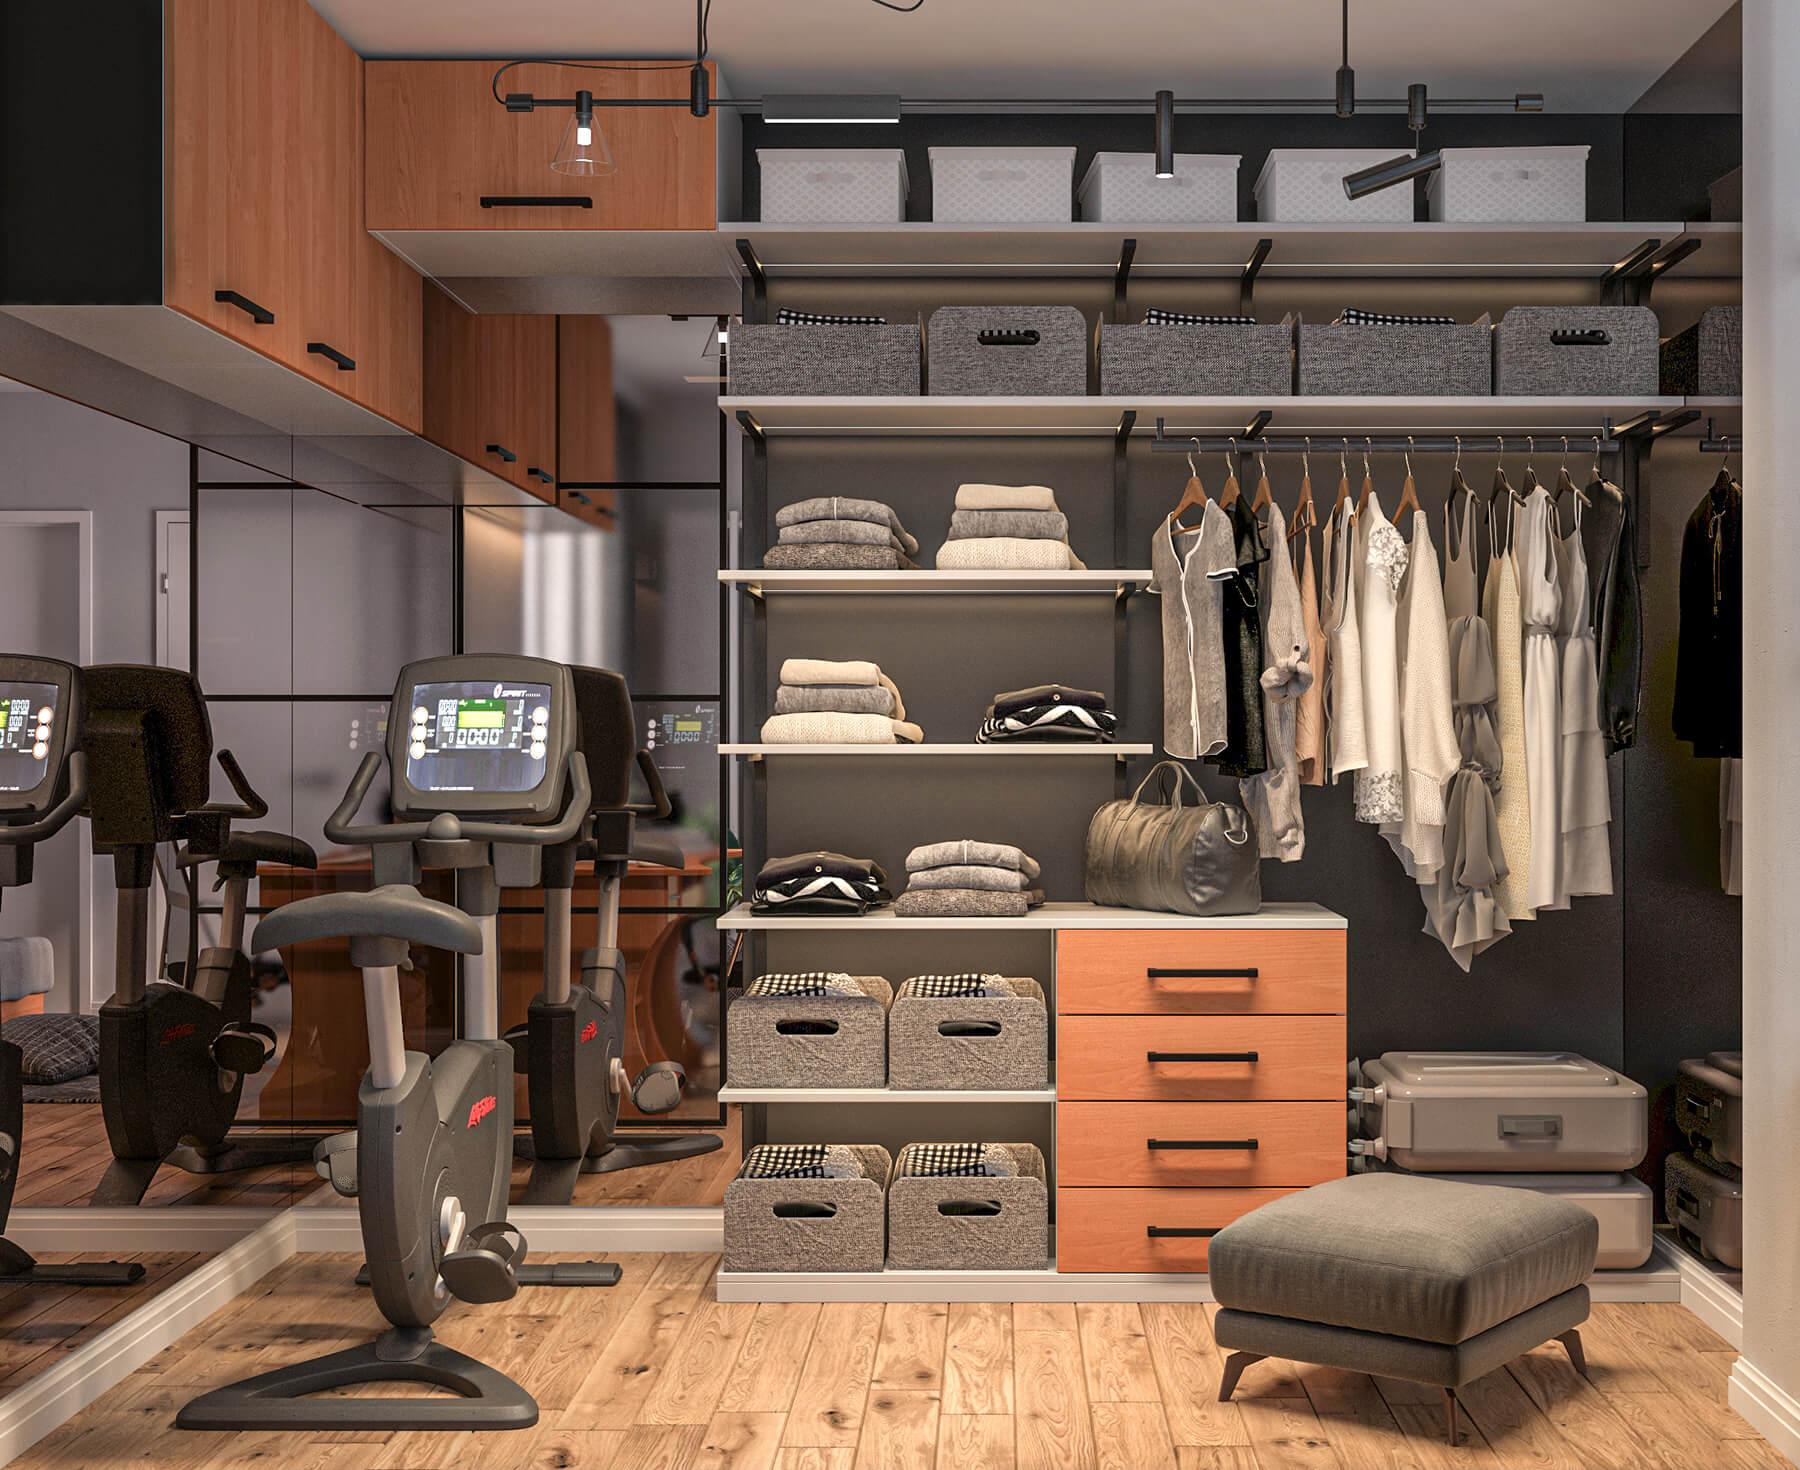 interioren-dizain-proekt-na-spalnia-1-esteta